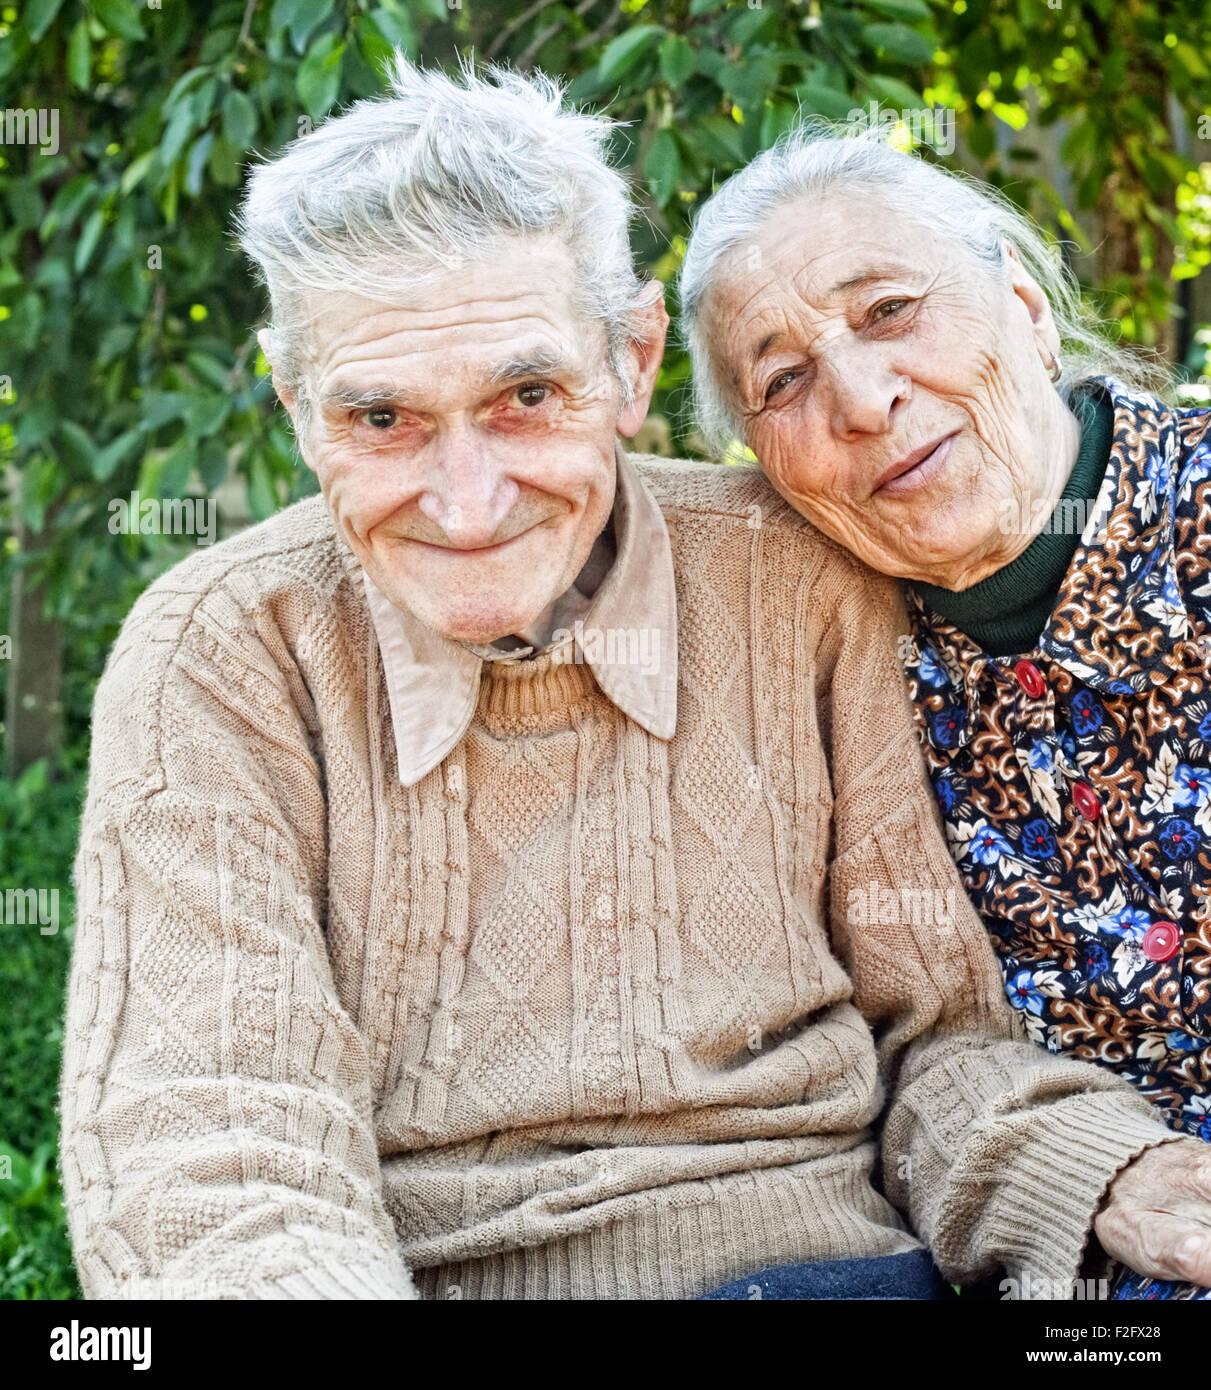 Felice e gioiosa vecchia coppia senior outdoor Immagini Stock